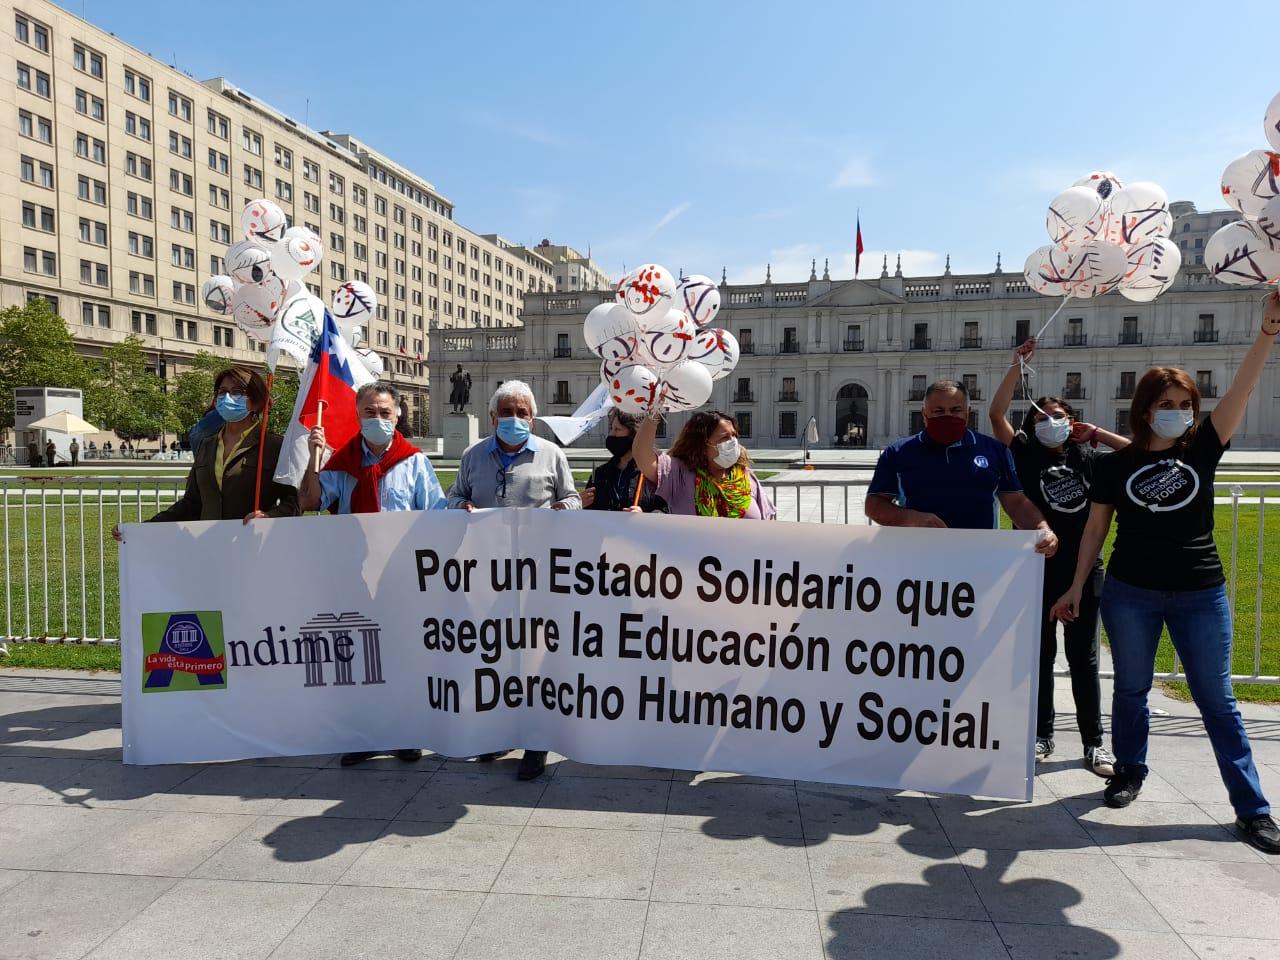 Andime conmemora el 18/O con intervención en La Moneda